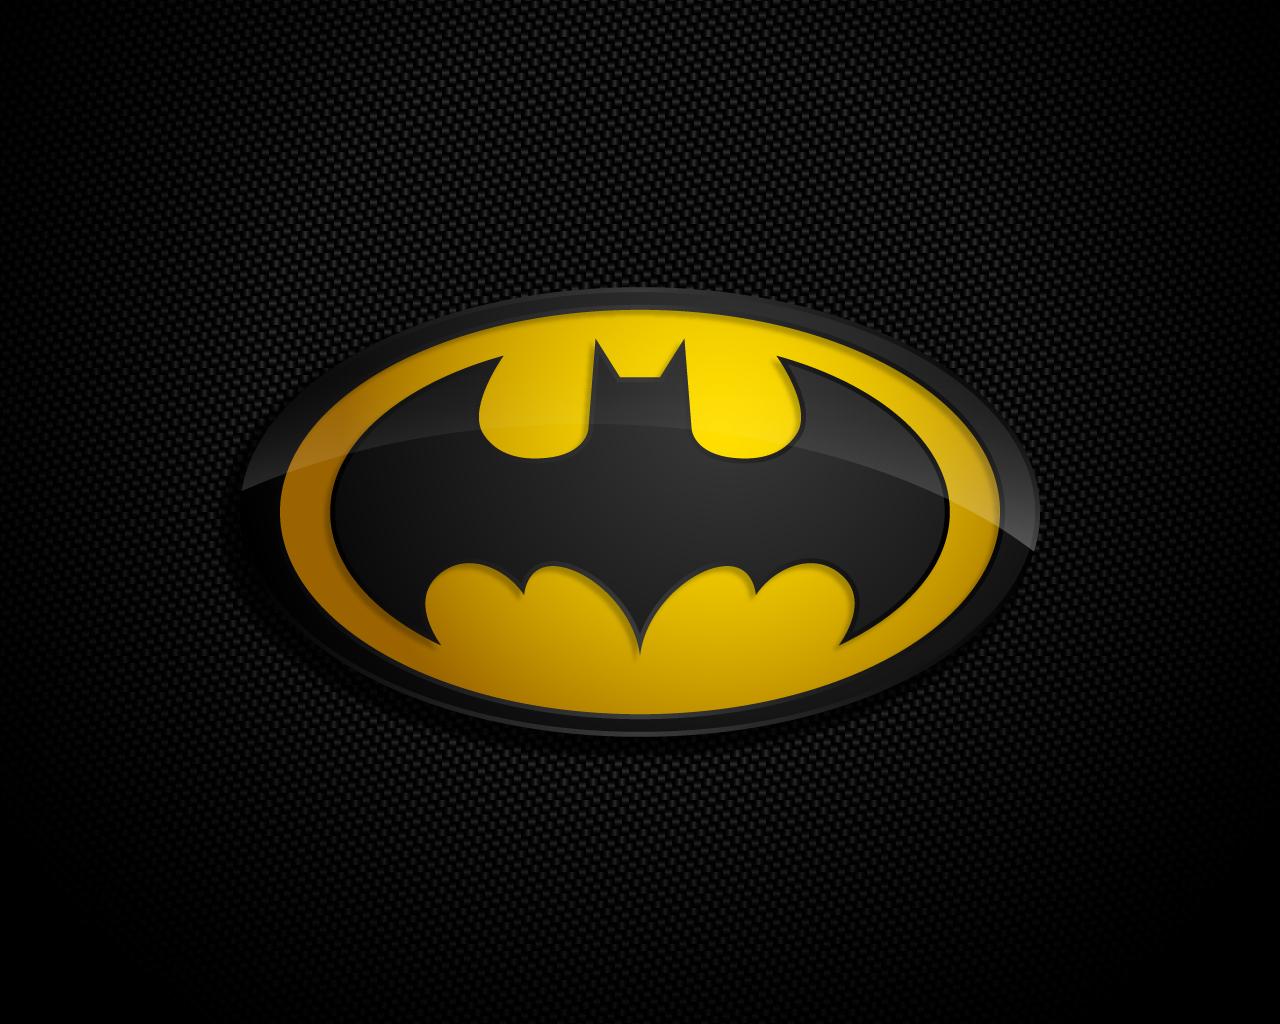 Batman achtergronden hd batman wallpapers afbeelding 28jpg 1280x1024